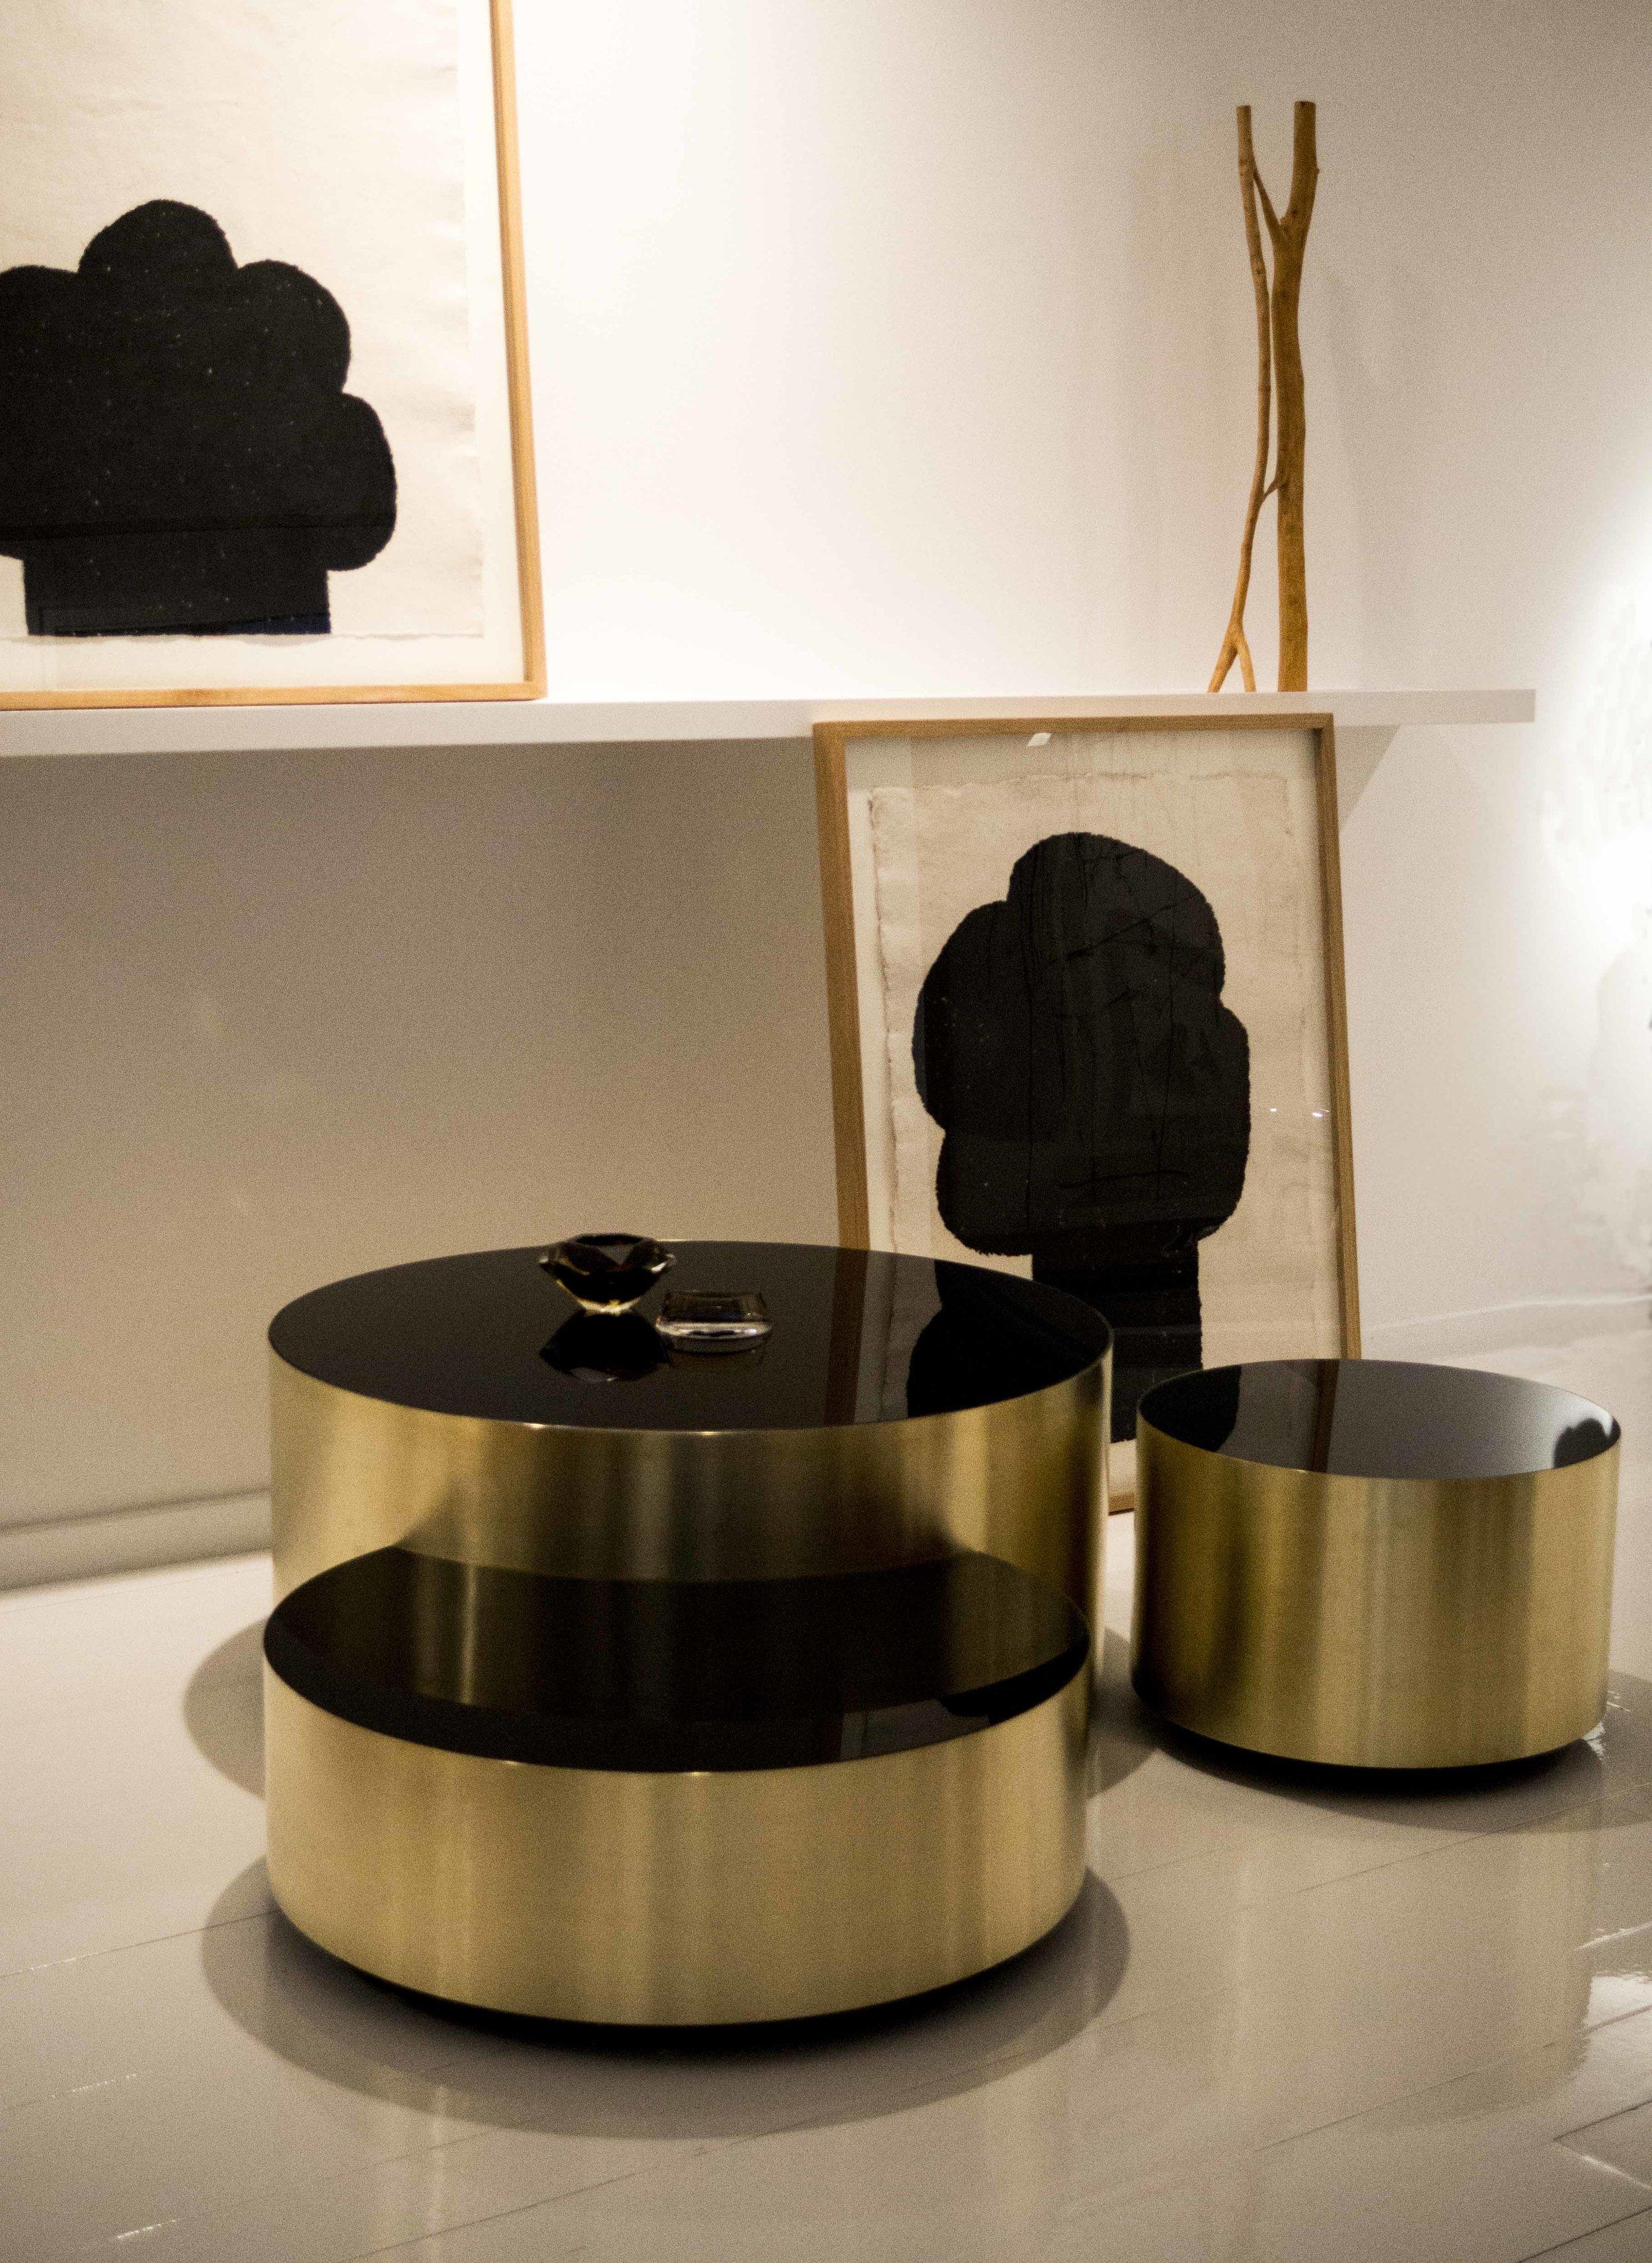 Colección cilindro - Latón con media luna y sobres negros 2-min.jpg